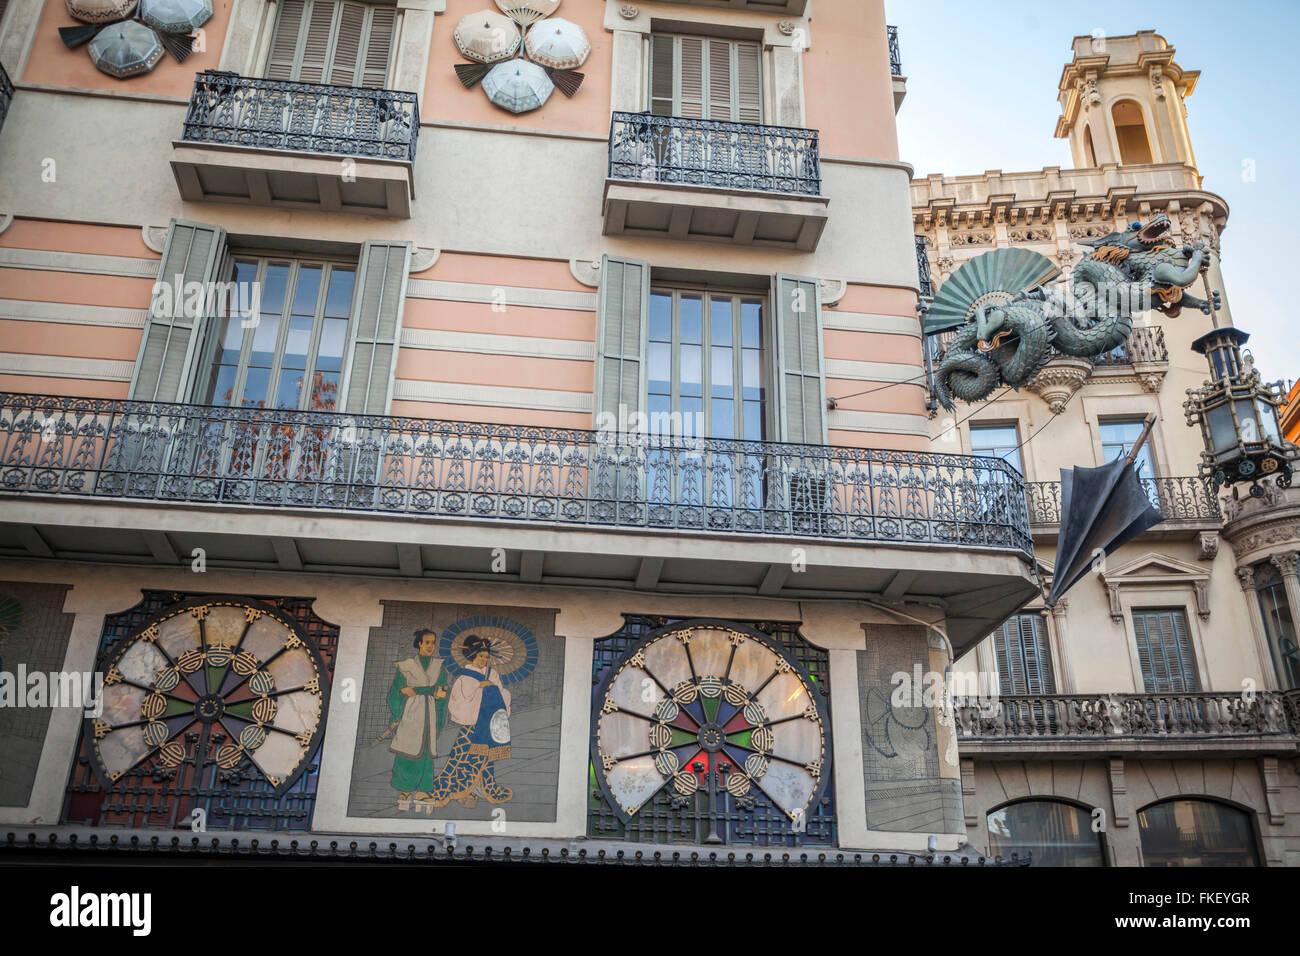 Casa Bruno cuadros, La Rambla, Barcelona. - Stock Image